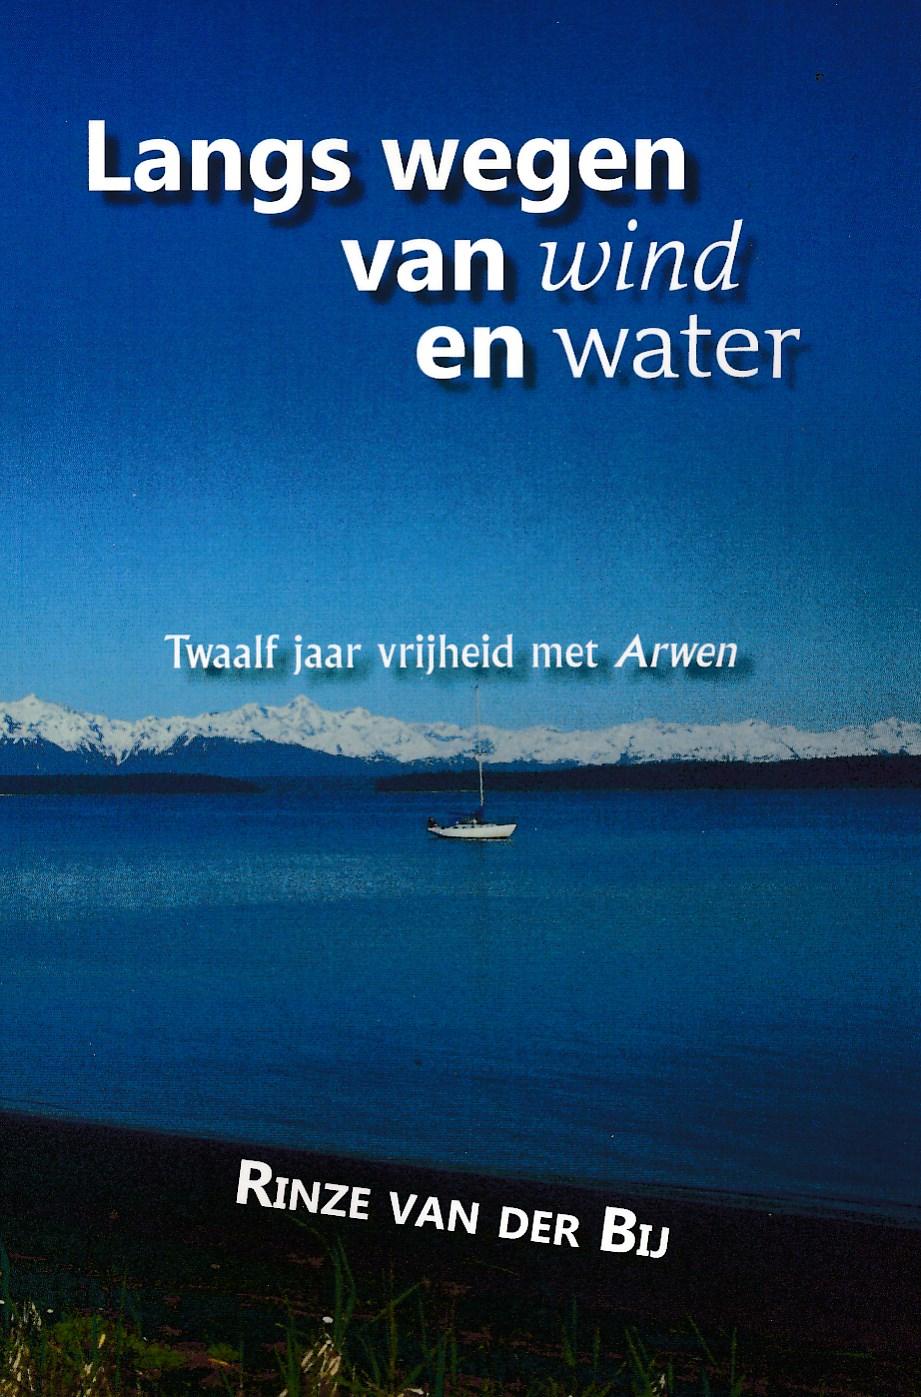 Reisverhaal Langs wegen van wind en water | Rinze van der Bij <br/>€ 23.95 <br/> <a href='https://www.dezwerver.nl/reisgidsen/?tt=1554_252853_241358_&r=https%3A%2F%2Fwww.dezwerver.nl%2Fc%2Fboeken%2Freisverhalen%2F9789402221008%2Freisverhaal-langs-wegen-van-wind-en-water-rinze-van-der-bij%2F' target='_blank'>Meer Info</a>